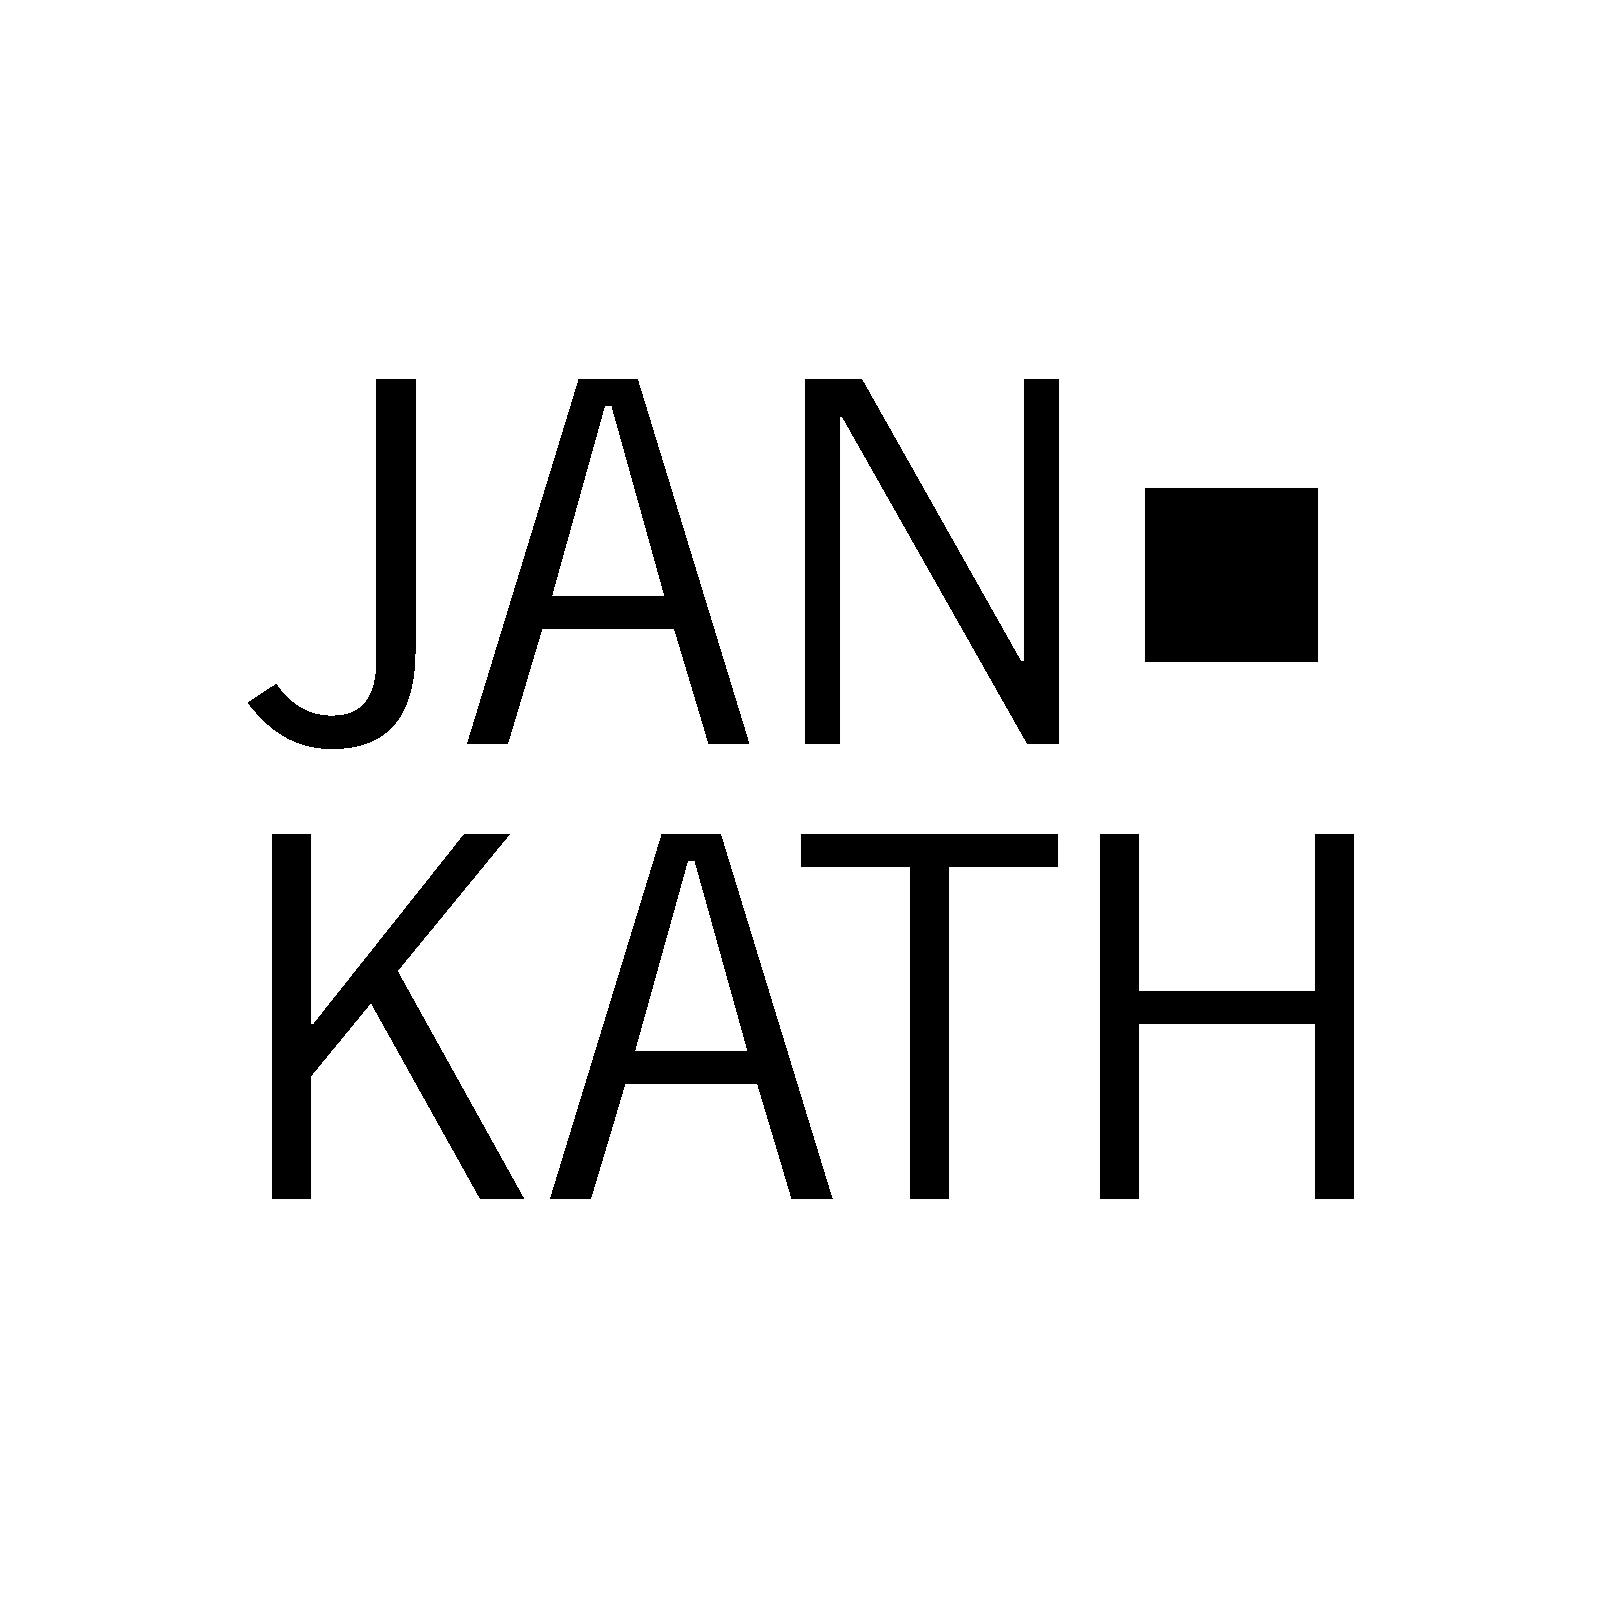 Jan Kath Silo Blk